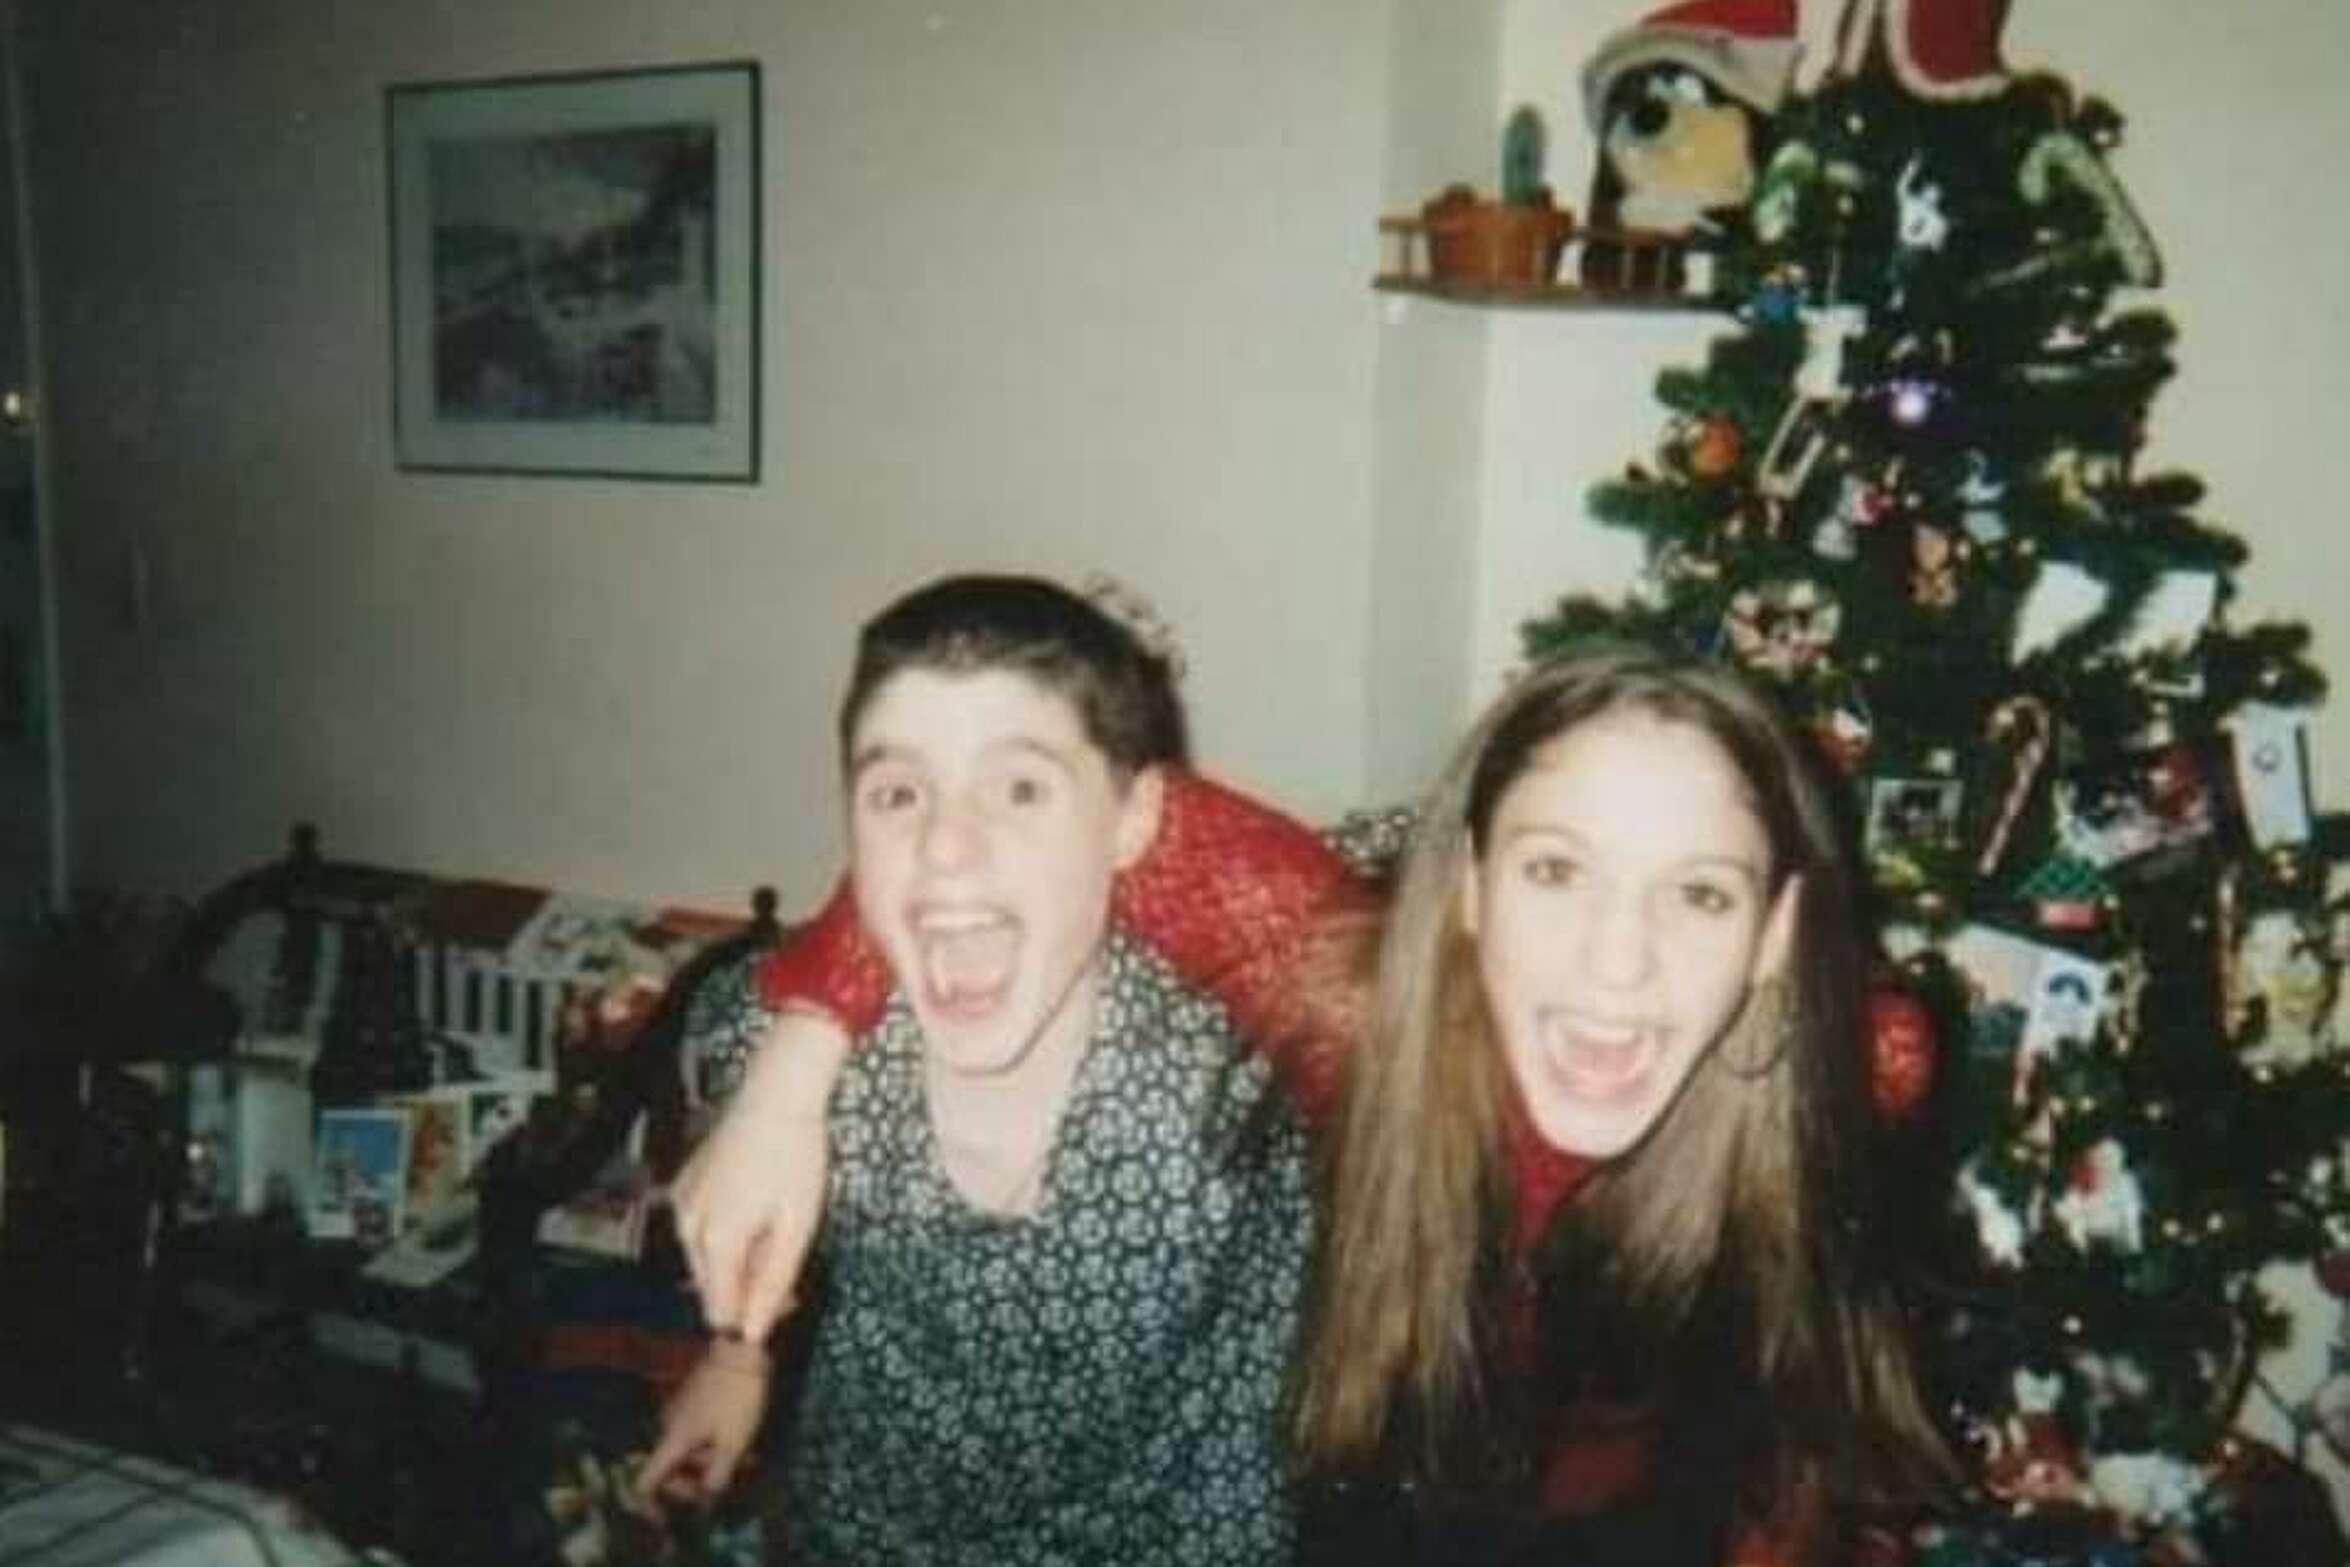 Dan Spano and his sister, Melissa Castiglia, on Christmas Eve around 2001.